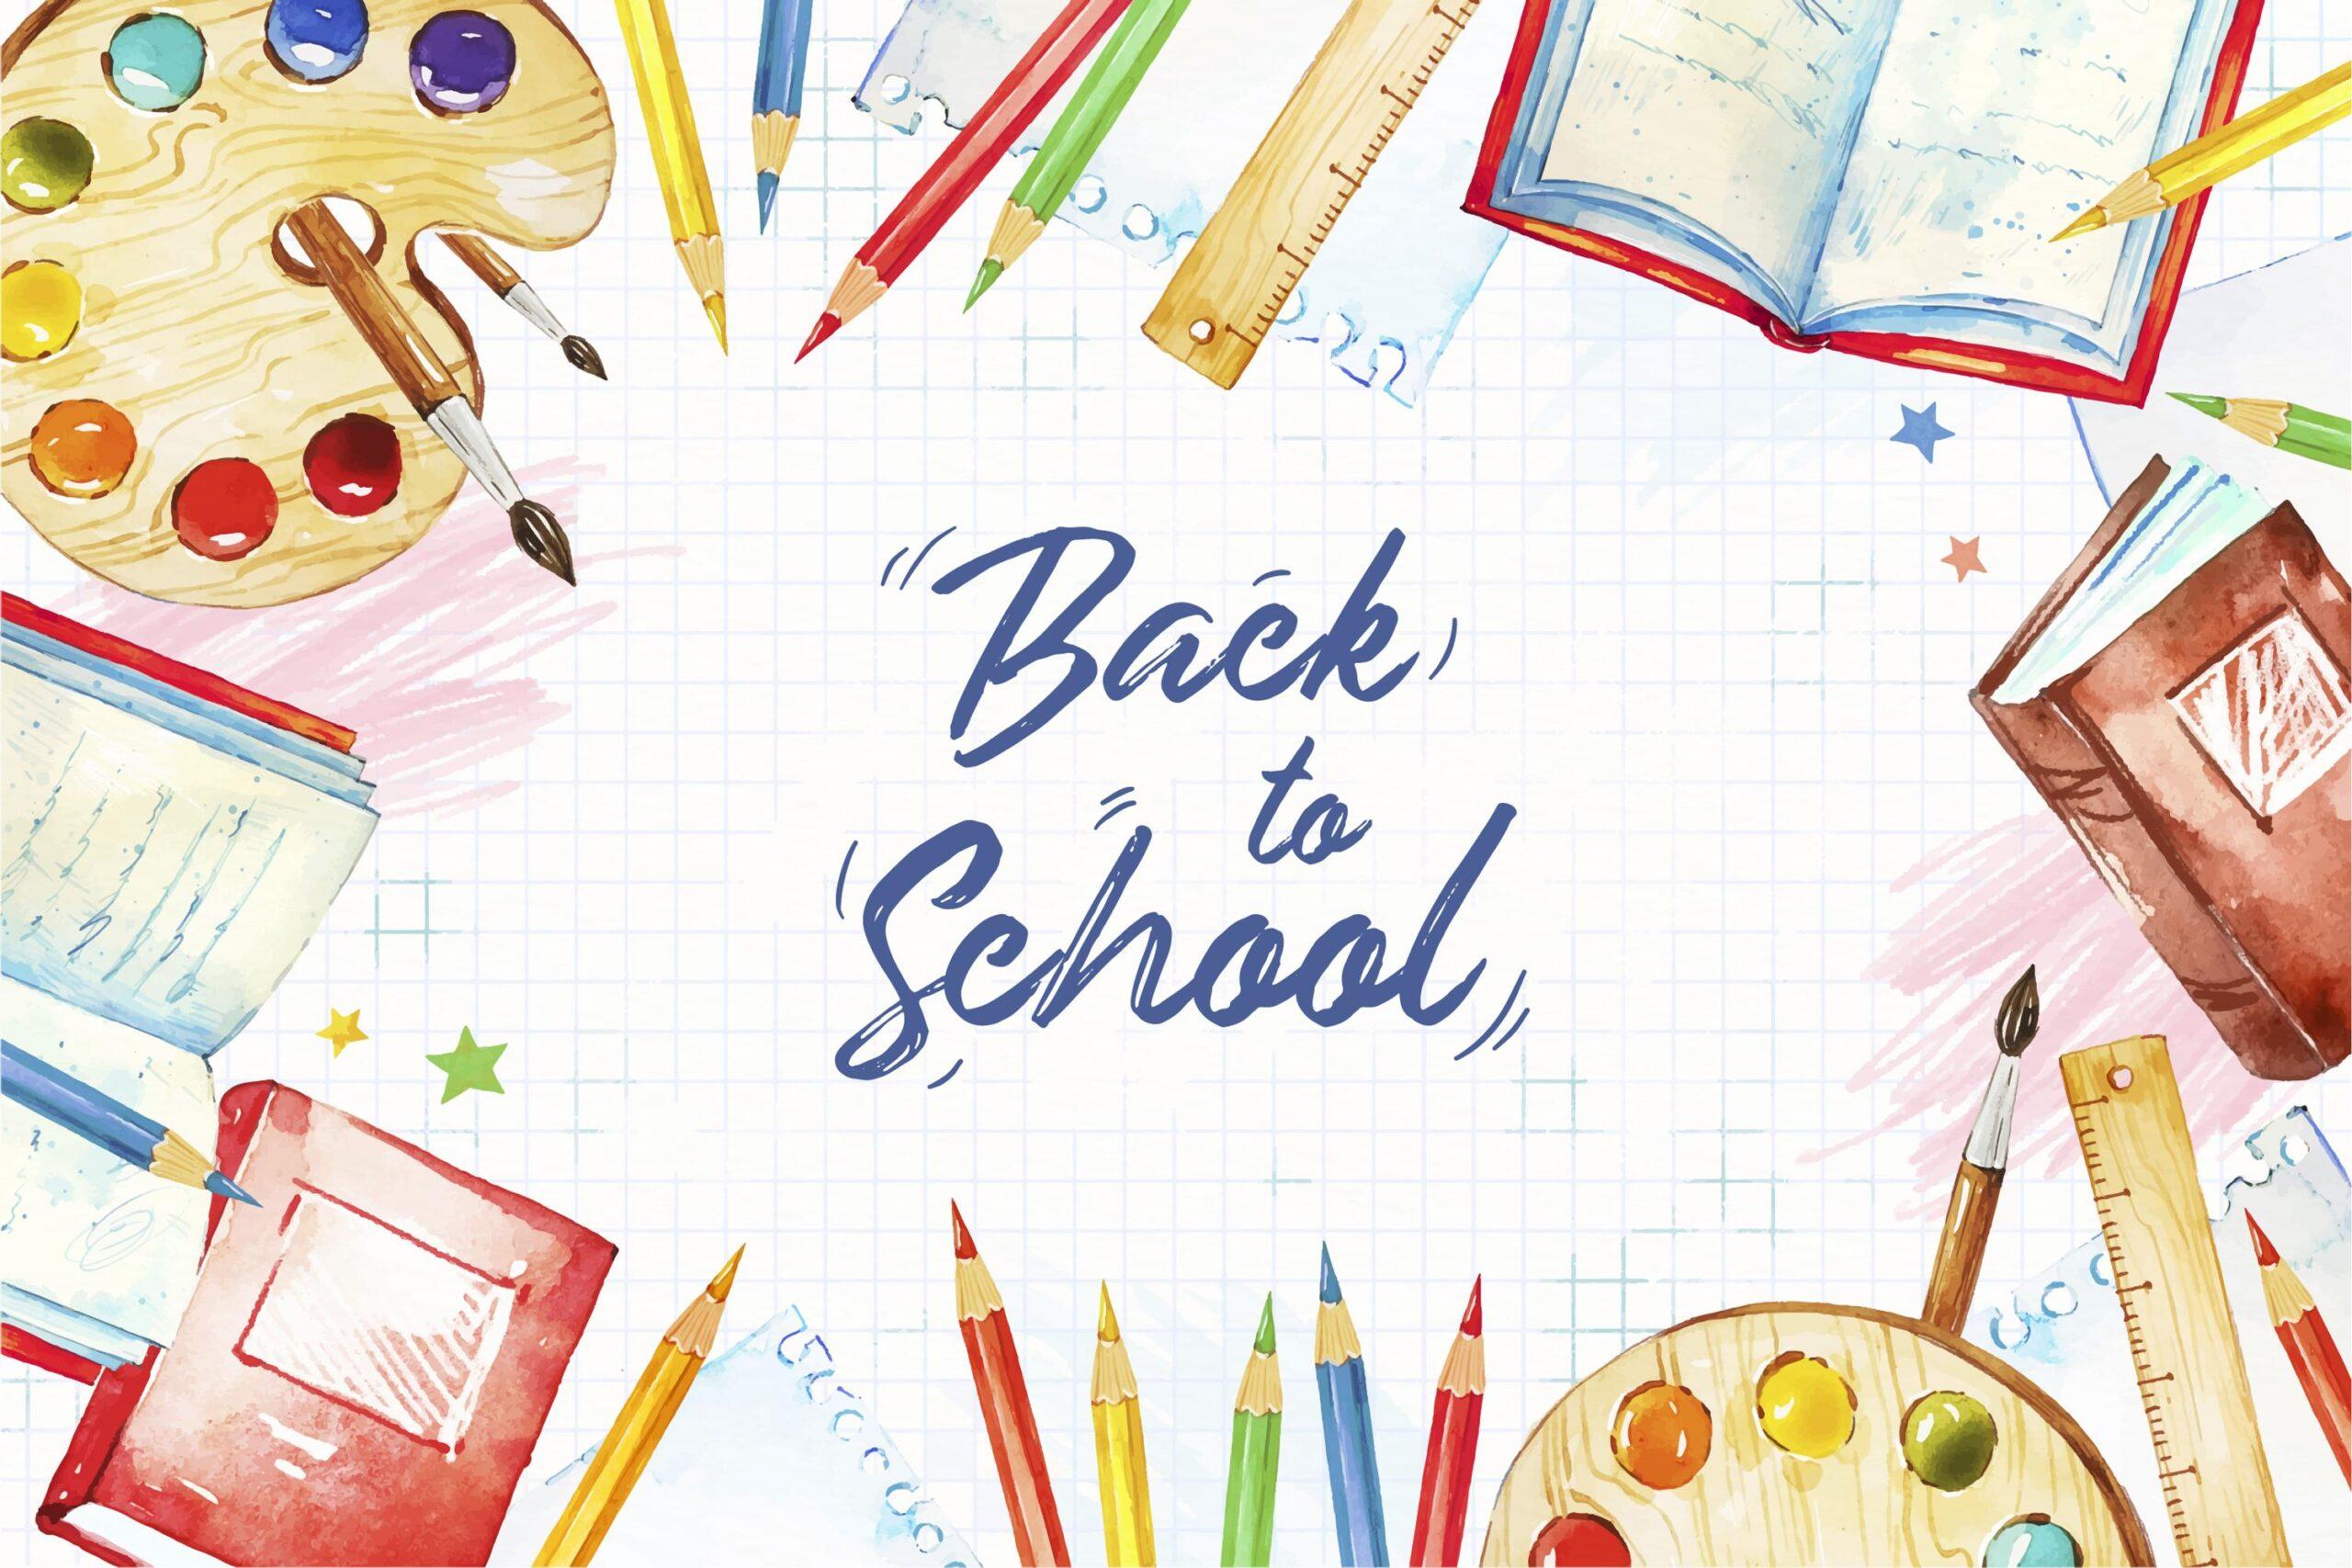 Lo shopping è #BackToSchool al Molo 8.44!